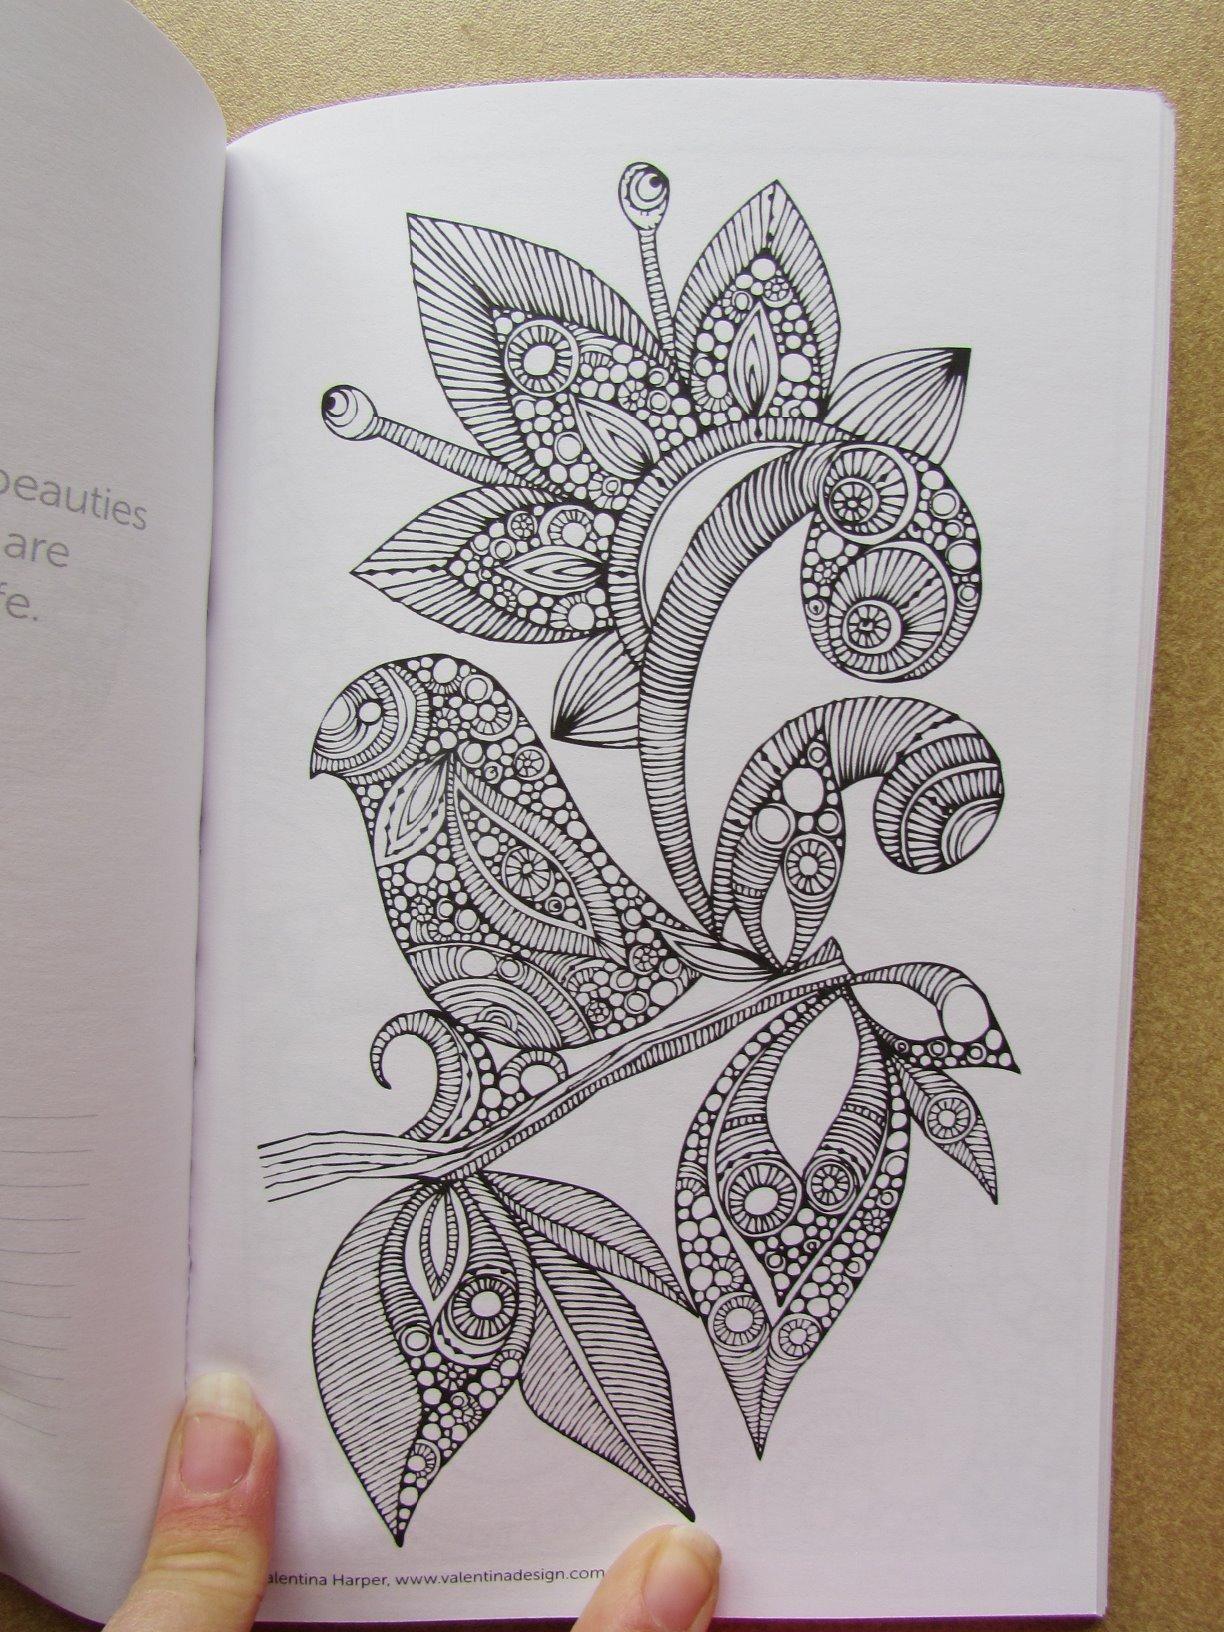 Amazon Com Color Calm Coloring Book On The Go 9781497200333 Valentina Harper Books Coloring Books Book Design Pen Art